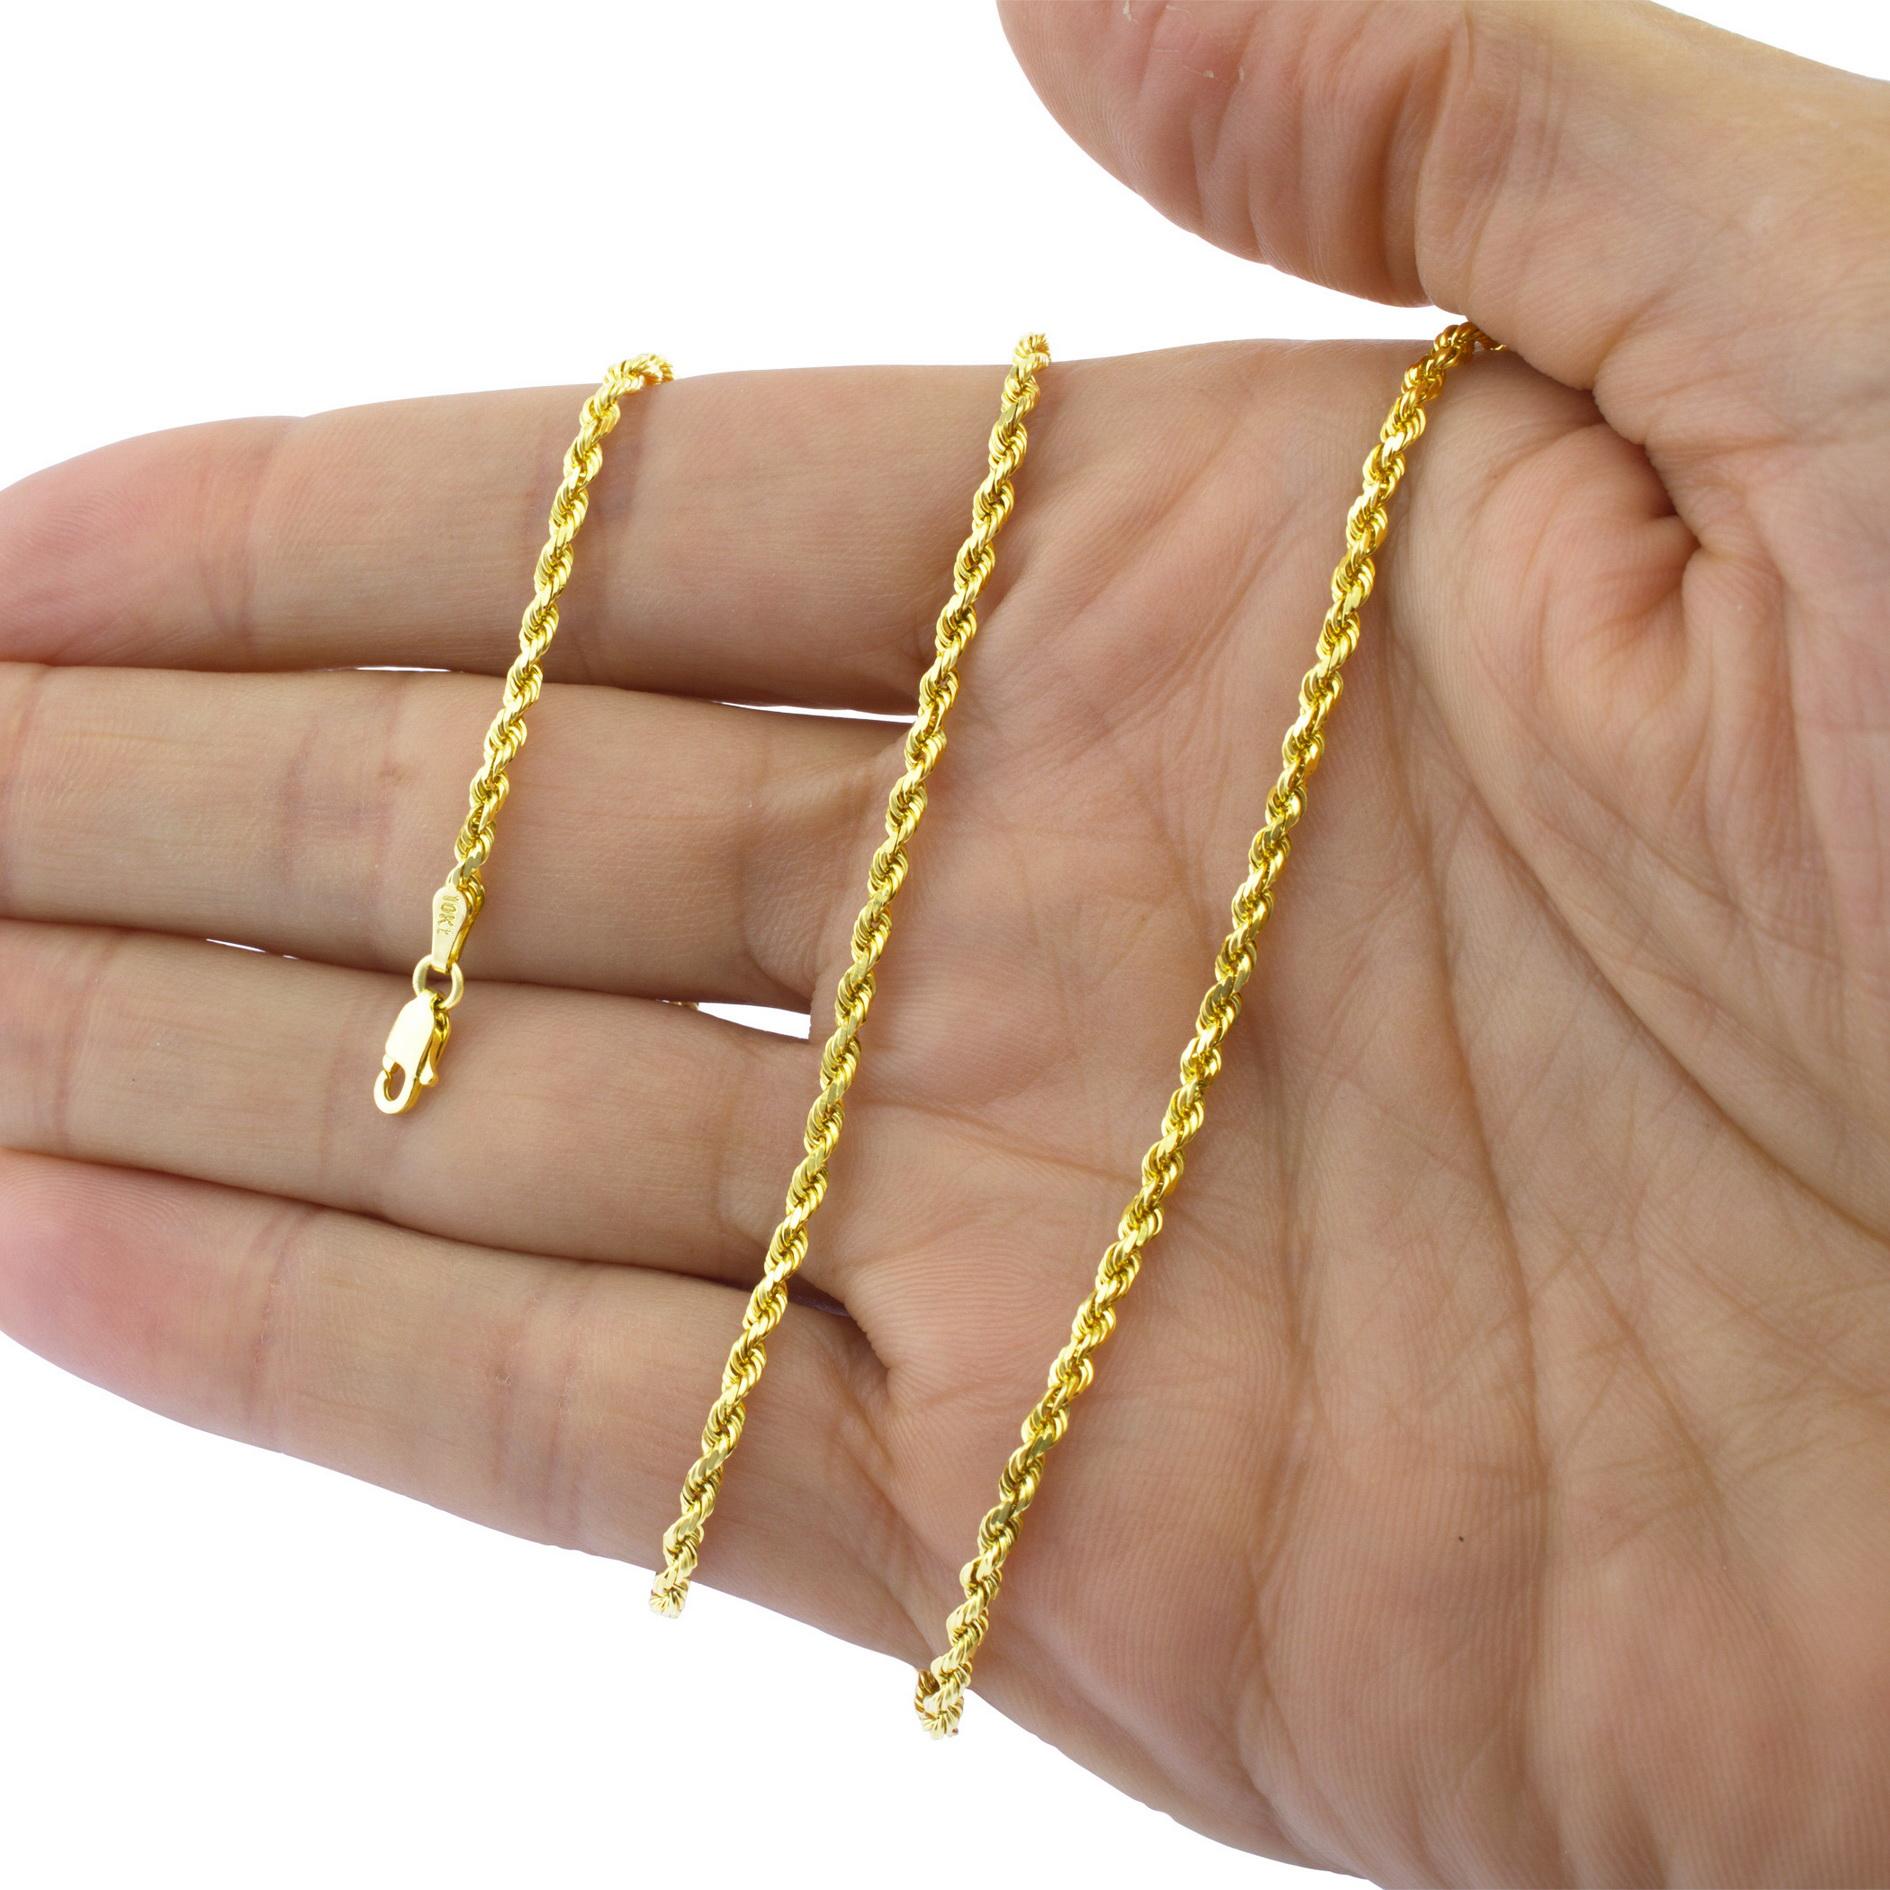 4ce9c955bbef Sólido 10k Oro Amarillo 1mm-10mm Cadena de Cuerda Pulseras Collares ...